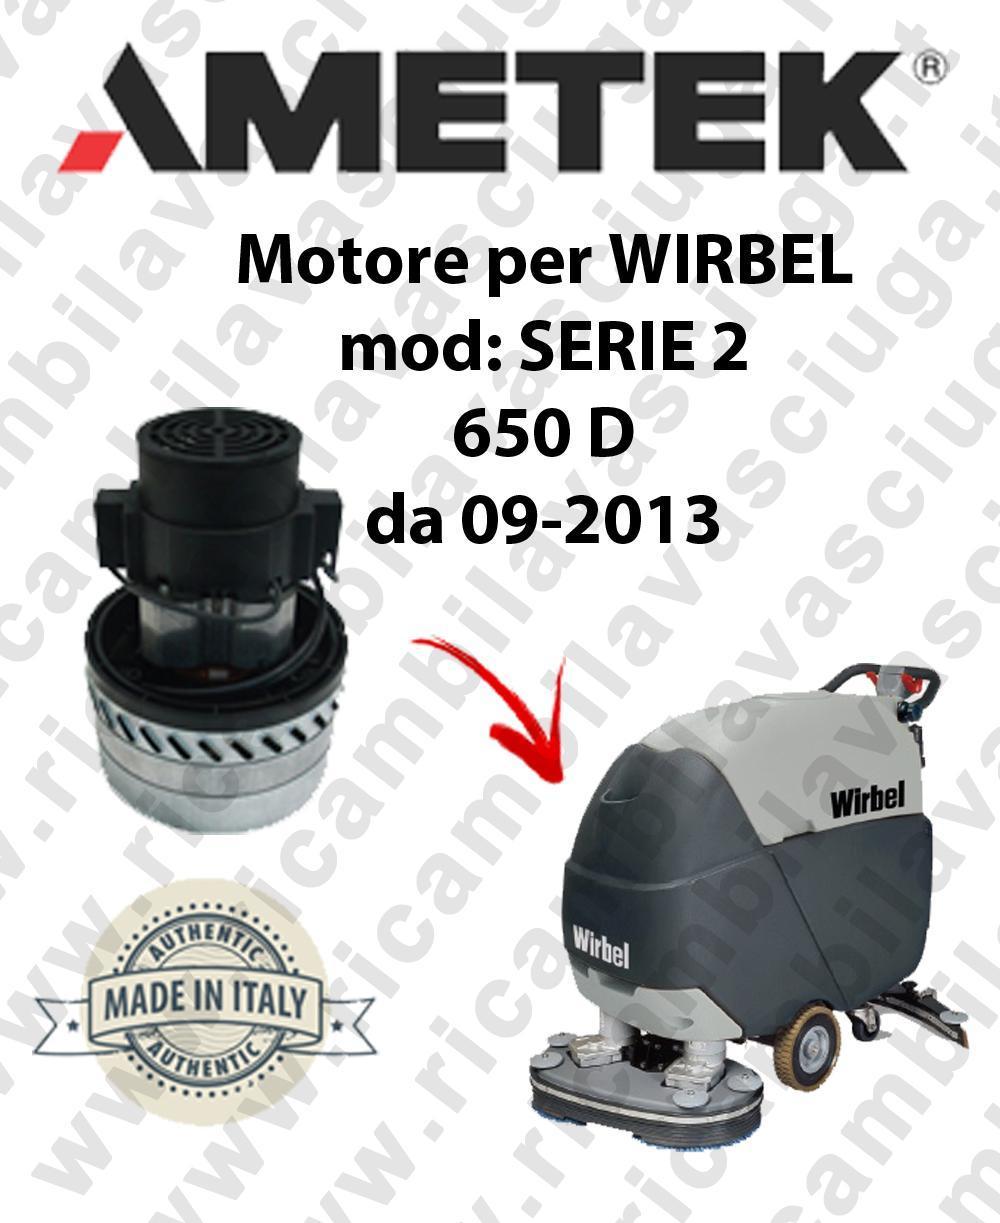 SERIE 2 650 D von 09-2013 Saugmotor AMETEK für scheuersaugmaschinen WIRBEL